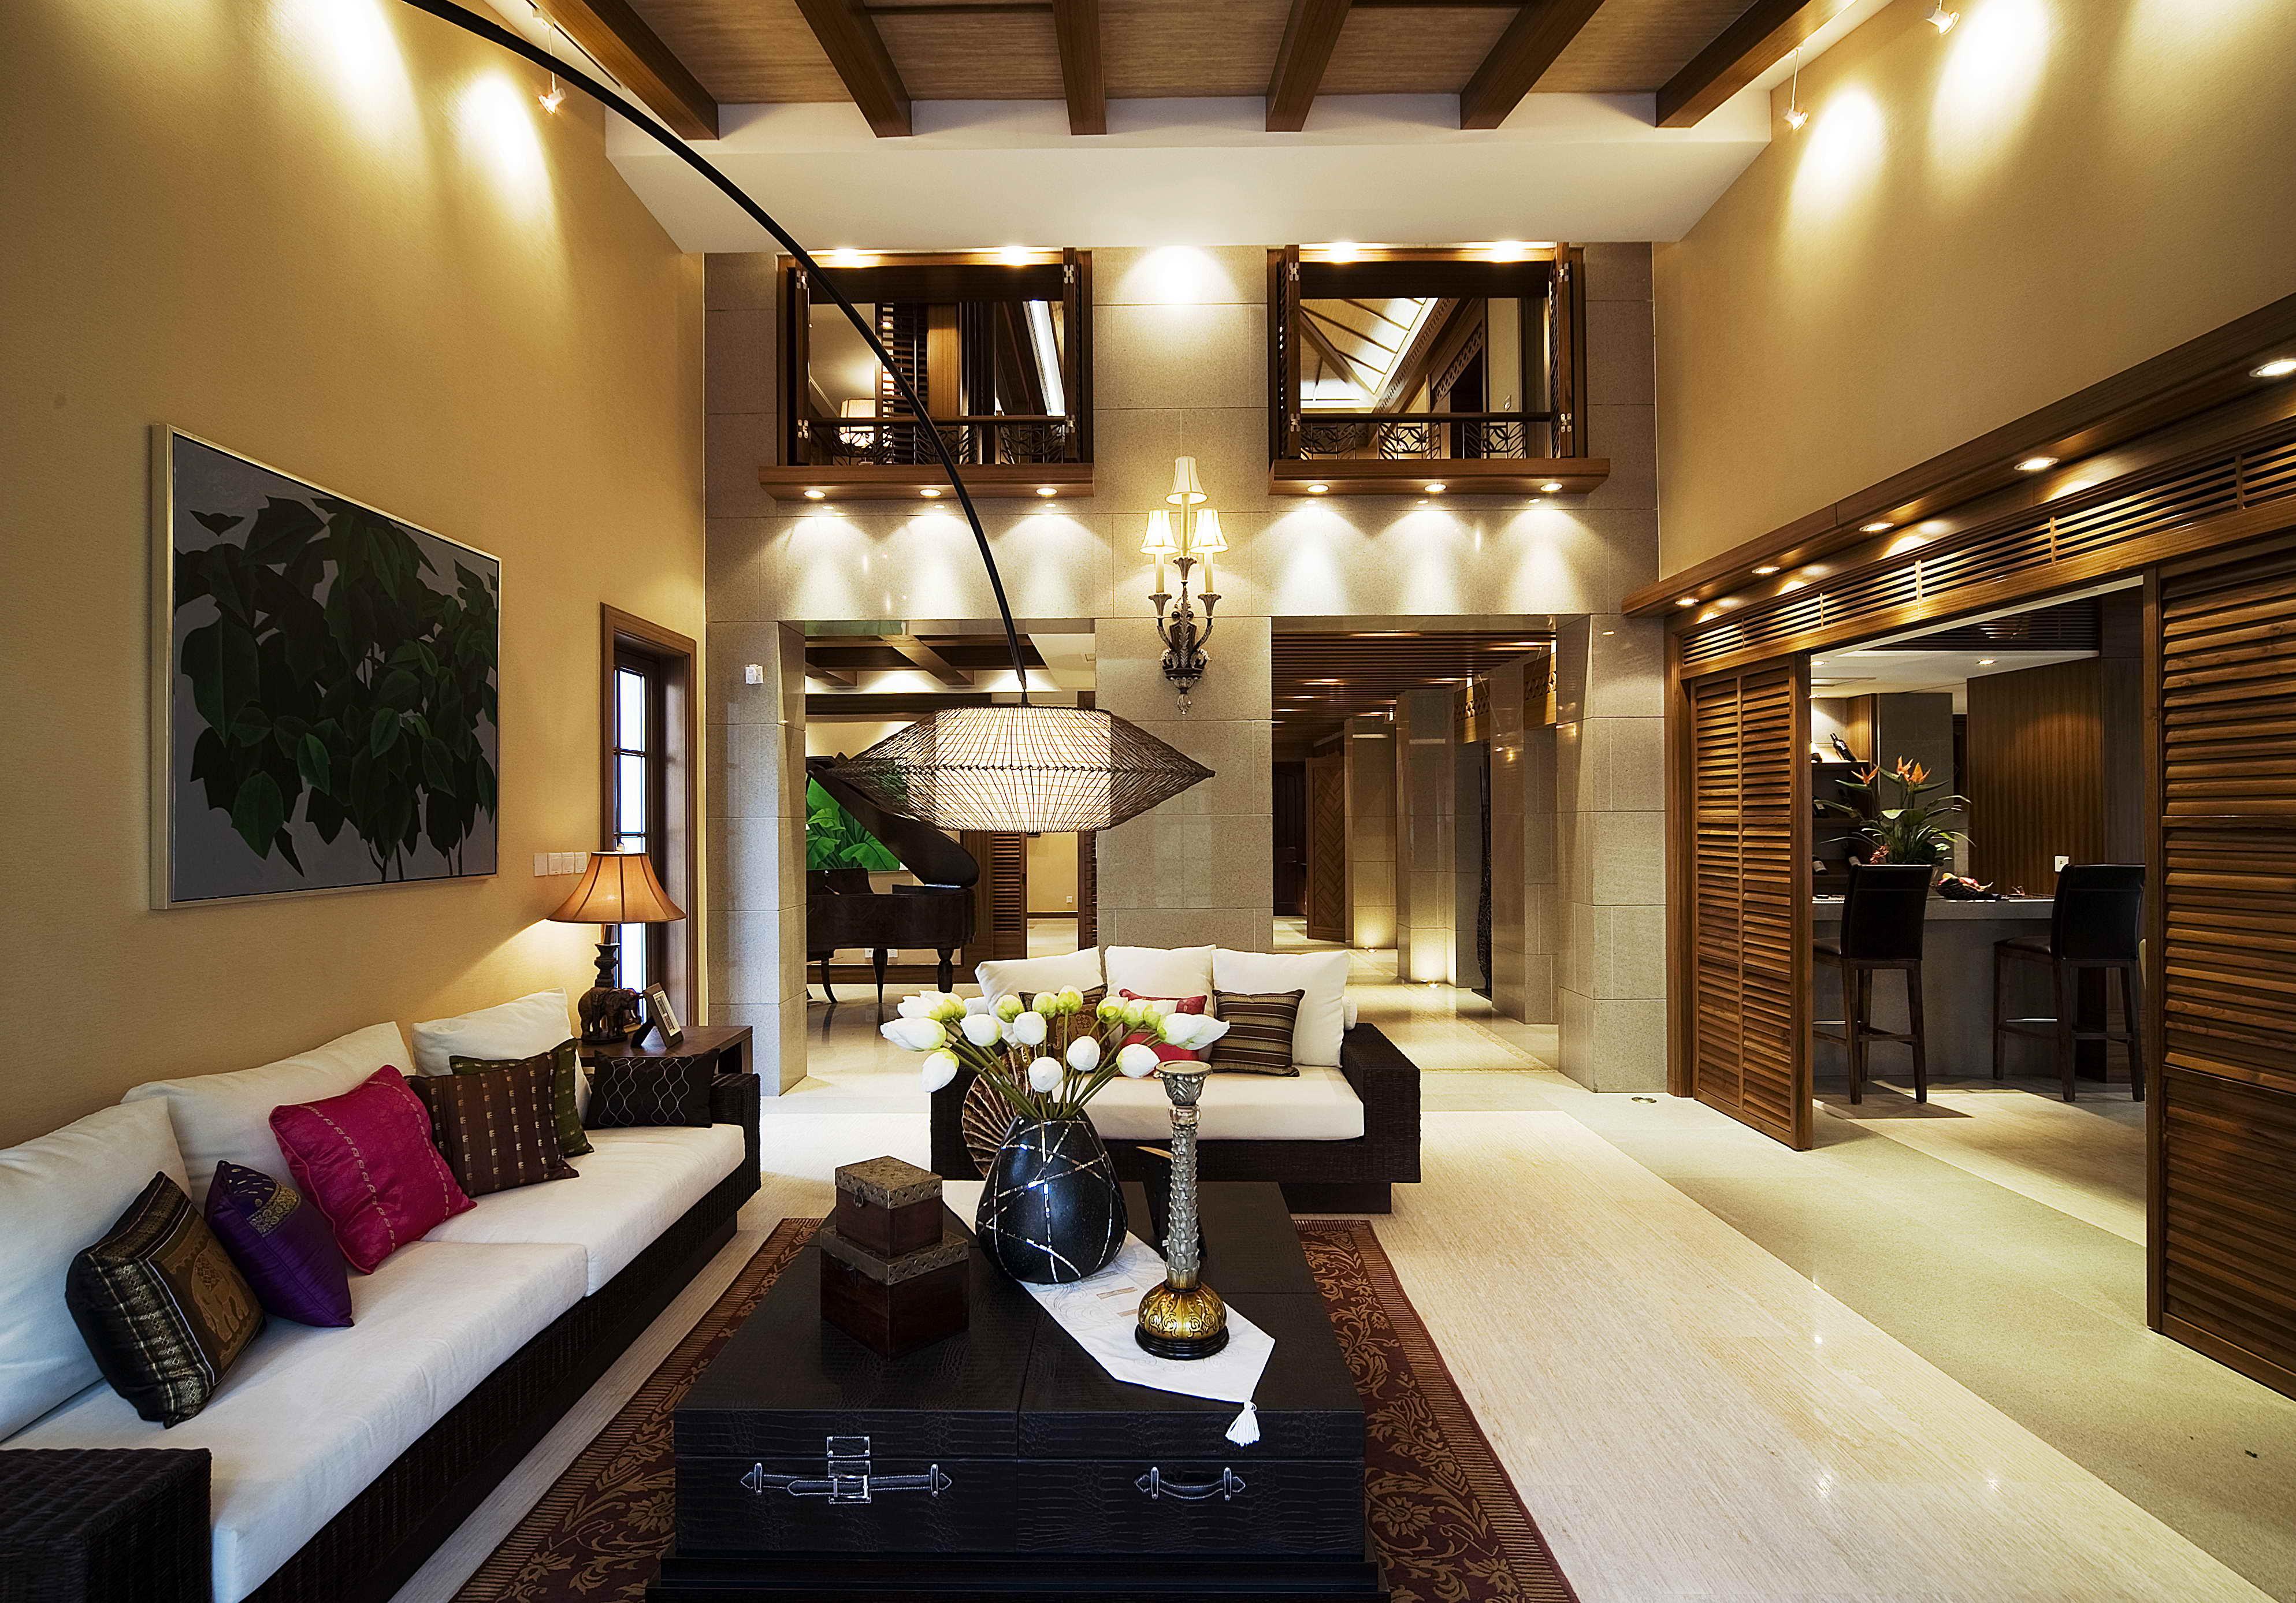 别墅装修 美式风格 腾龙设计 客厅图片来自腾龙设计在别墅装修美式风格设计案例展示的分享